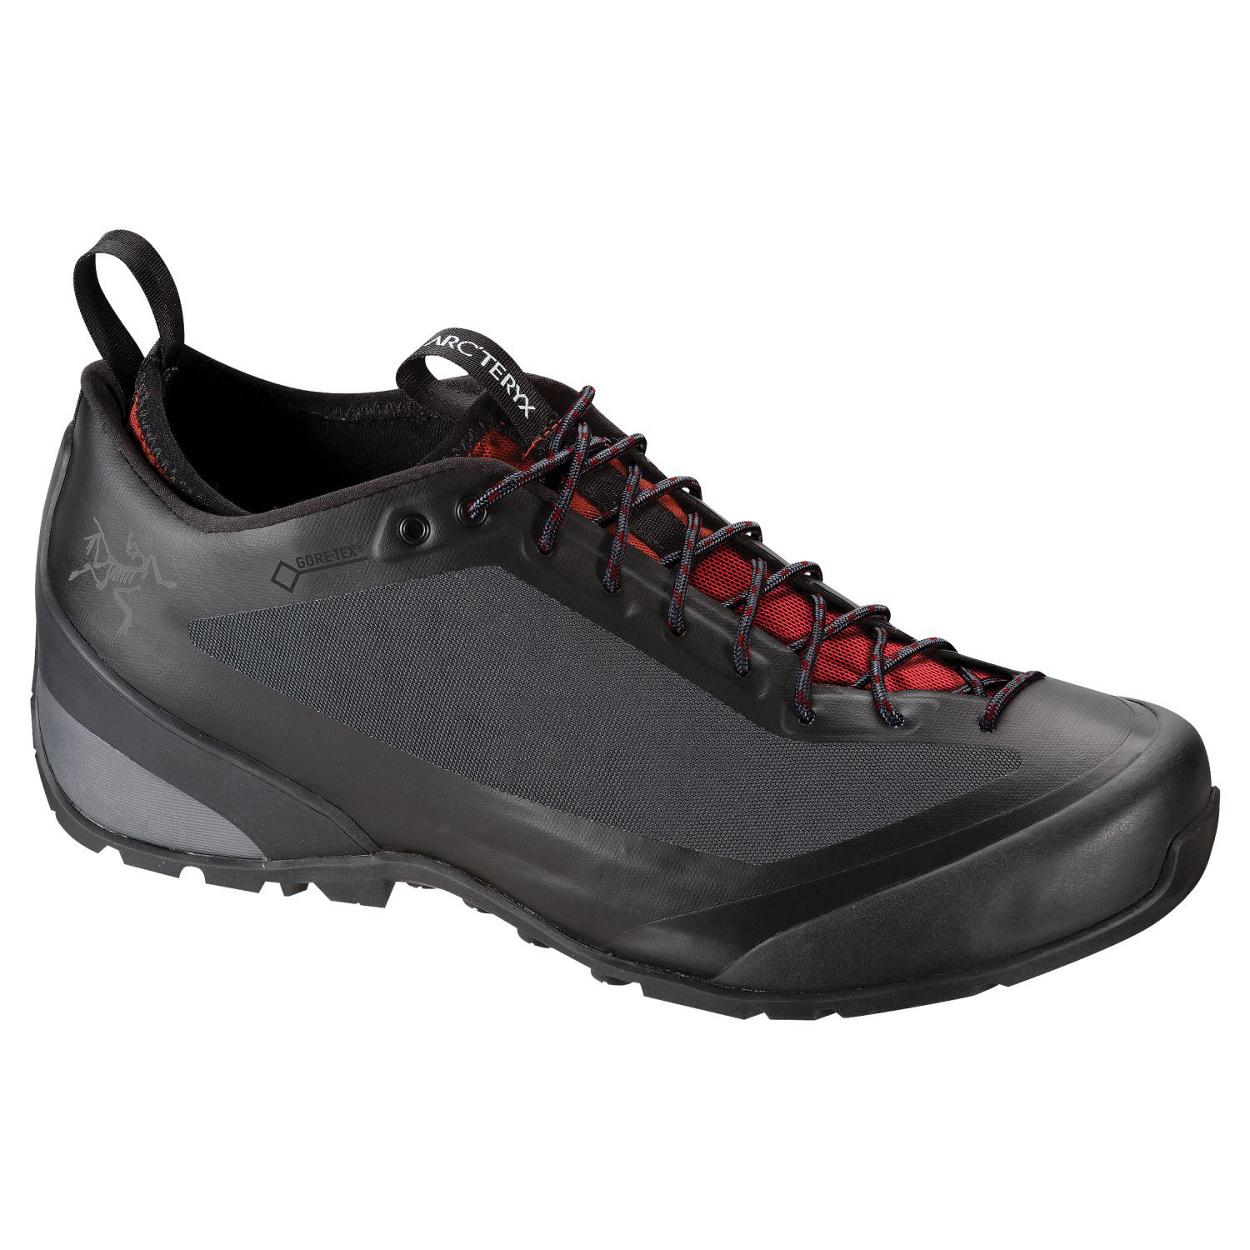 Image of Acrux FL GTX Approach Shoe